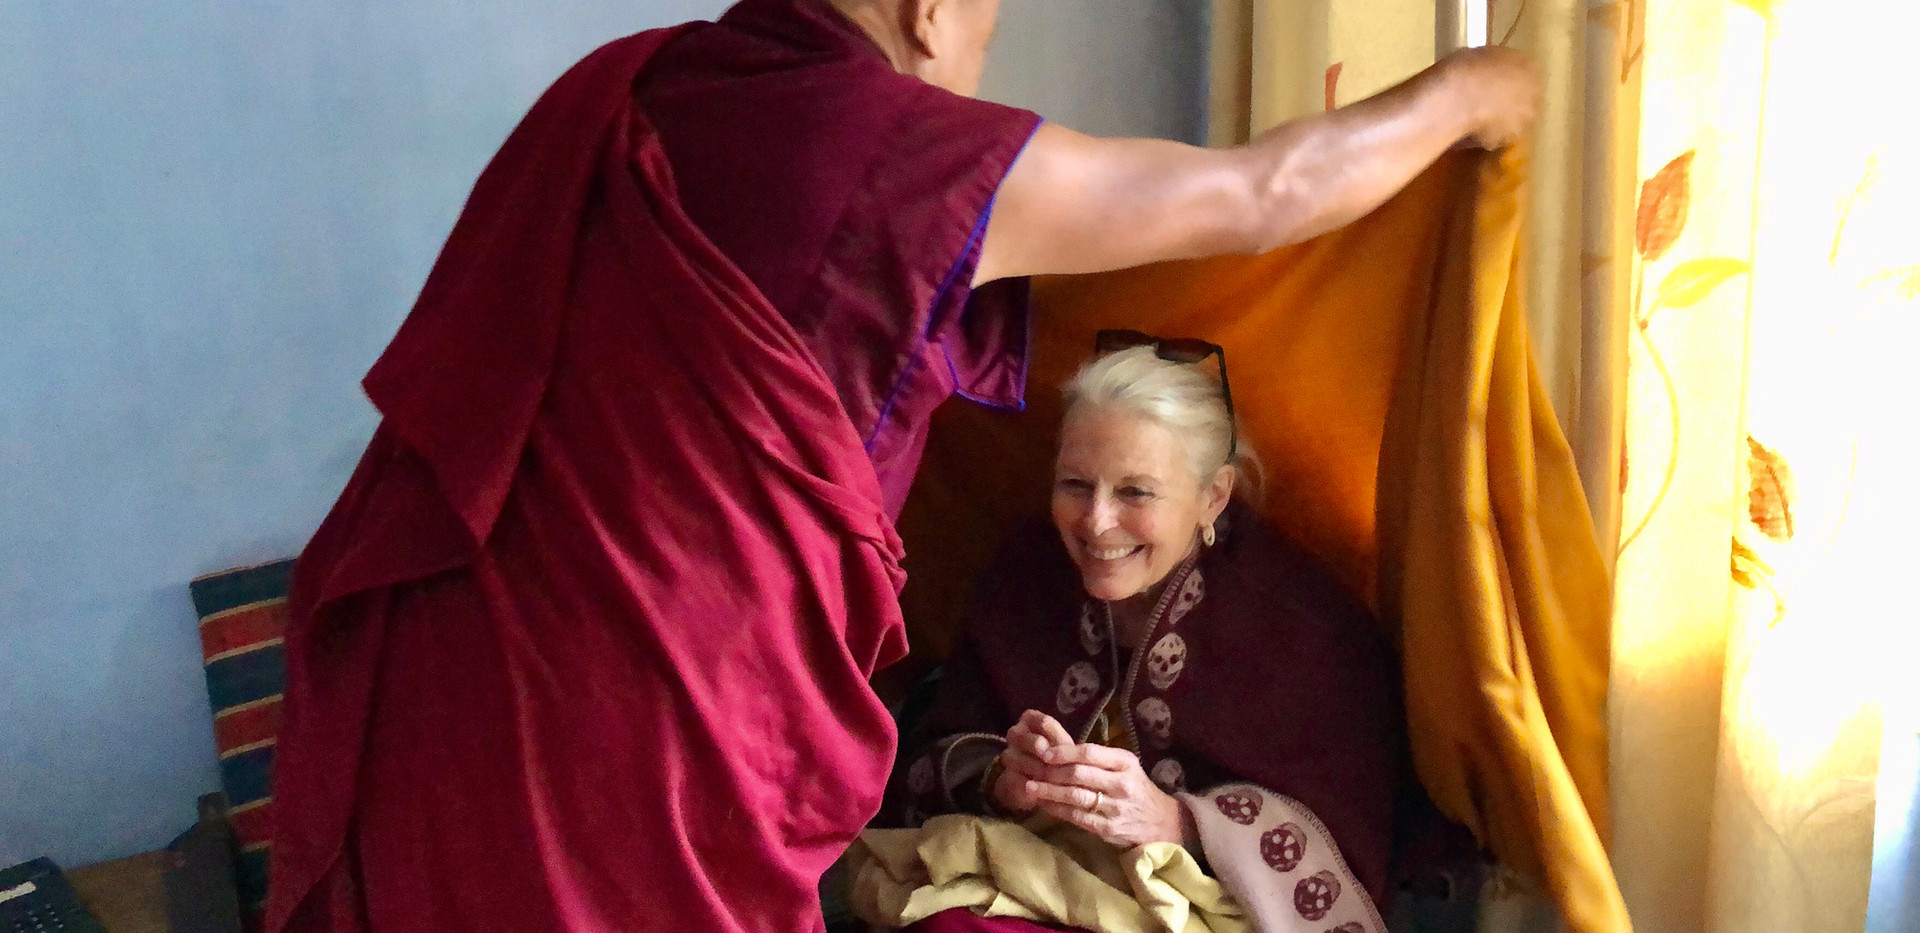 Candice Rimpoche with Khenpo